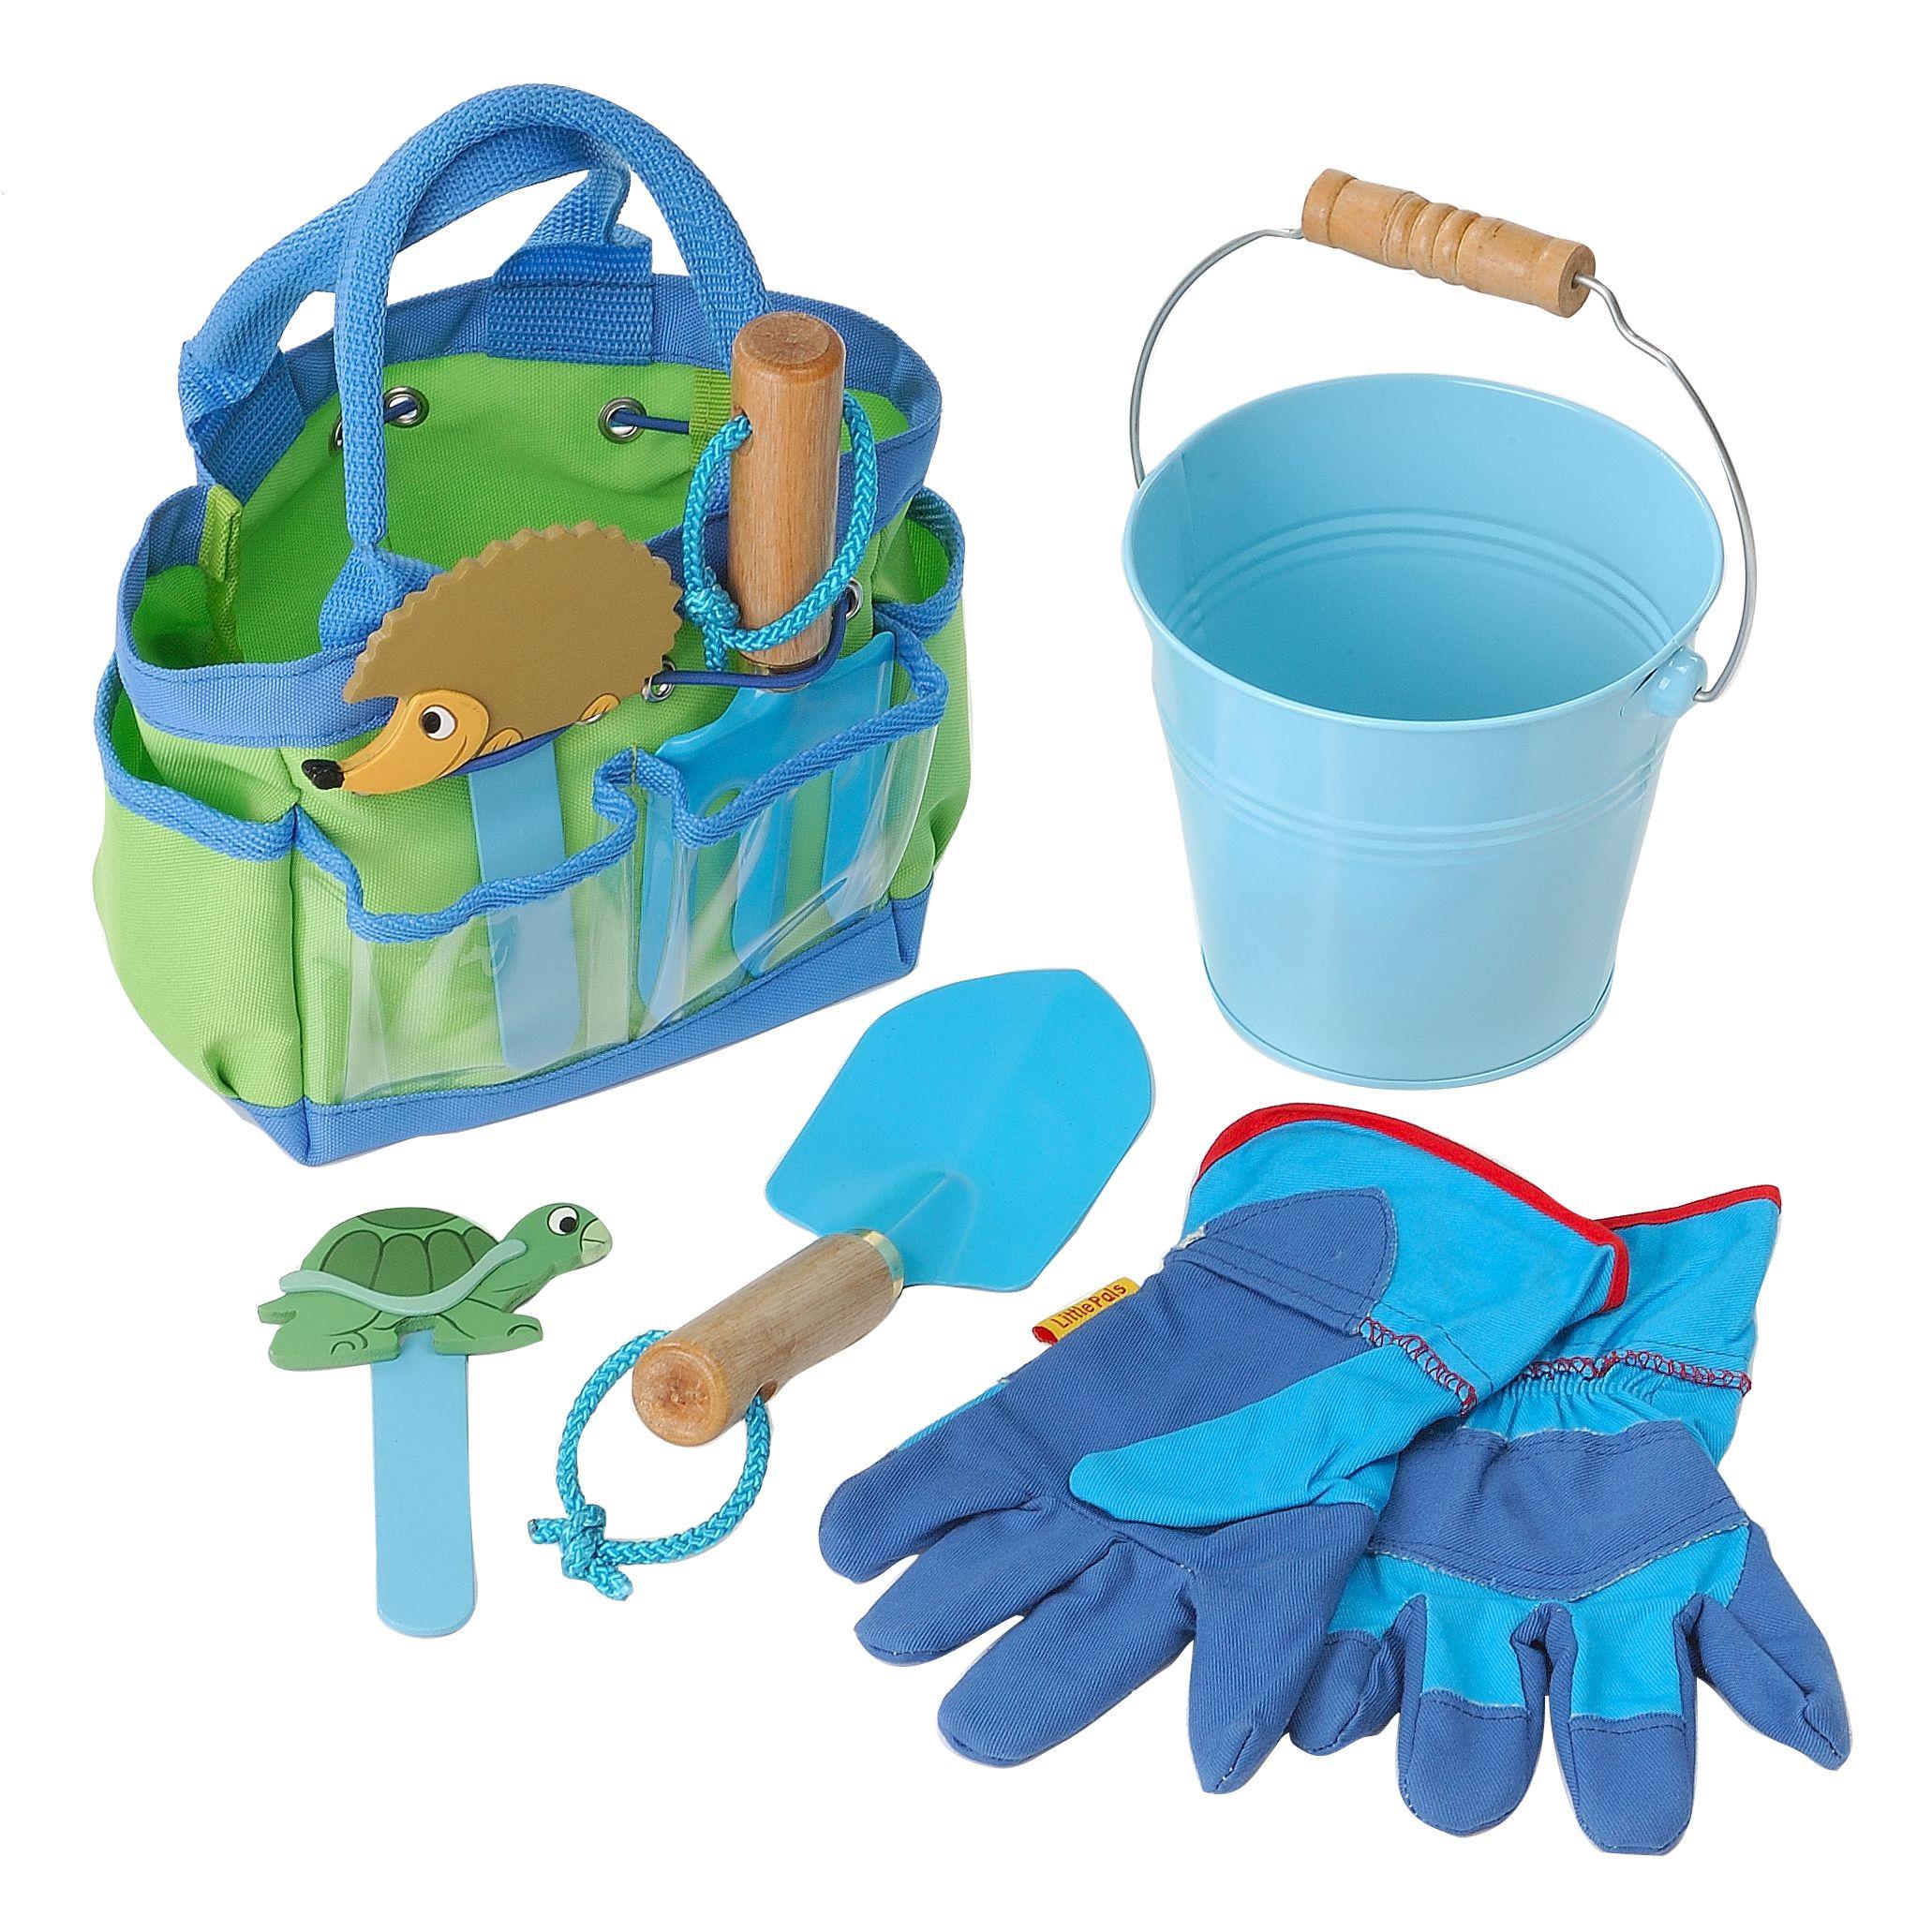 Childrens' Garden Tool Kit, Blue